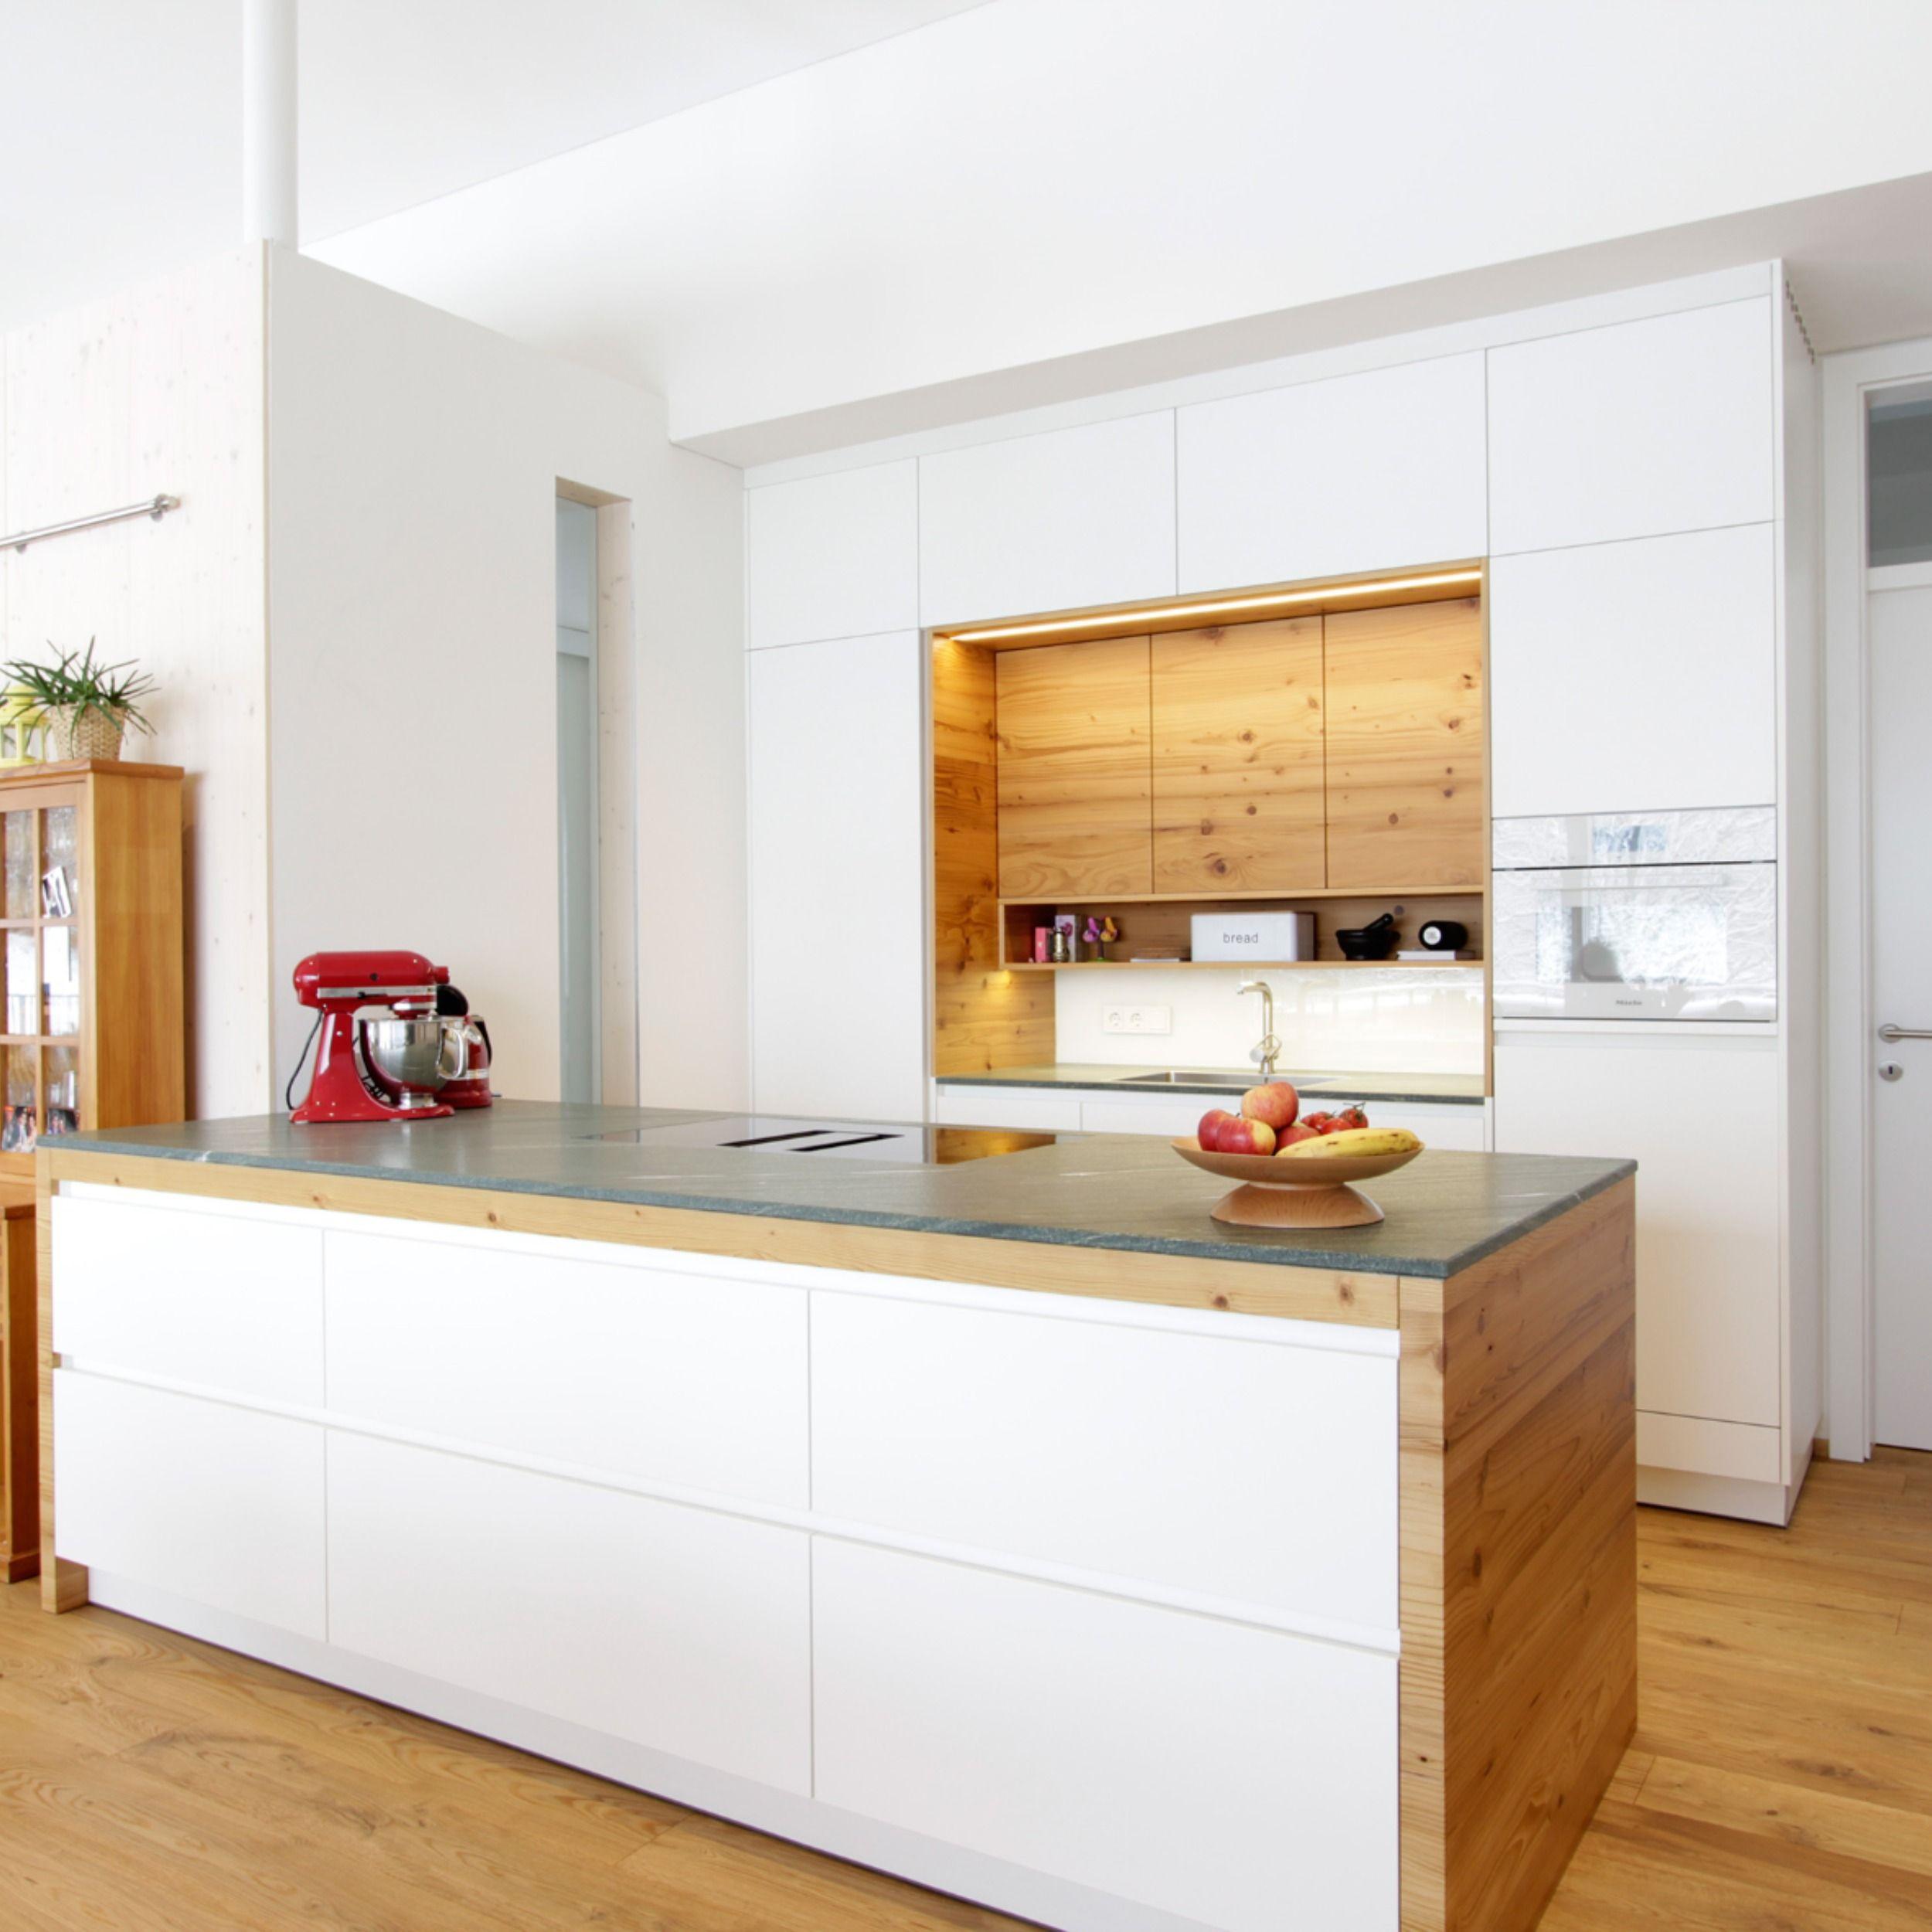 Moderne Kuche Mit Fichte Altholz In 2020 Moderne Kuche Kuche Dachschrage Kuchen Planung